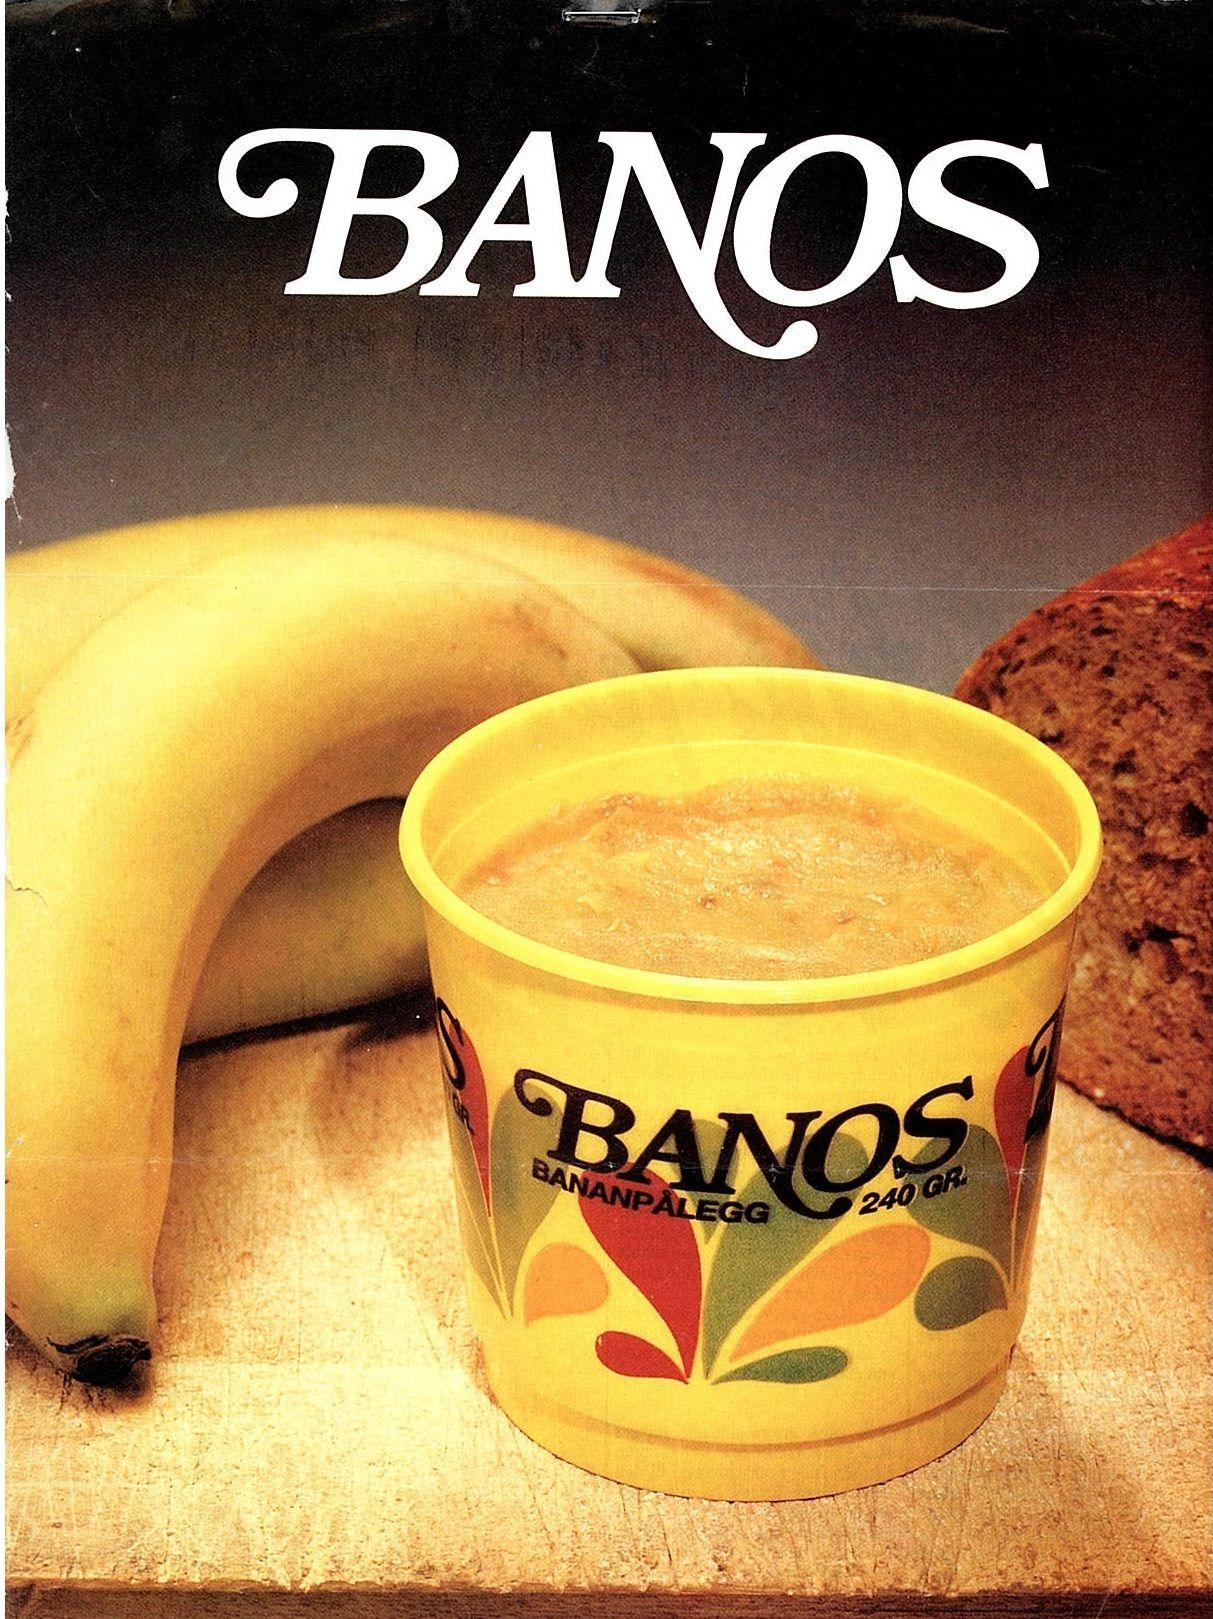 BANANMOS: Bananer utgjør i overkant av 30 prosent av pålegget Banos. Bananene skrelles fortsatt for hånd. Faksimile av en tidligere reklame for produktet.